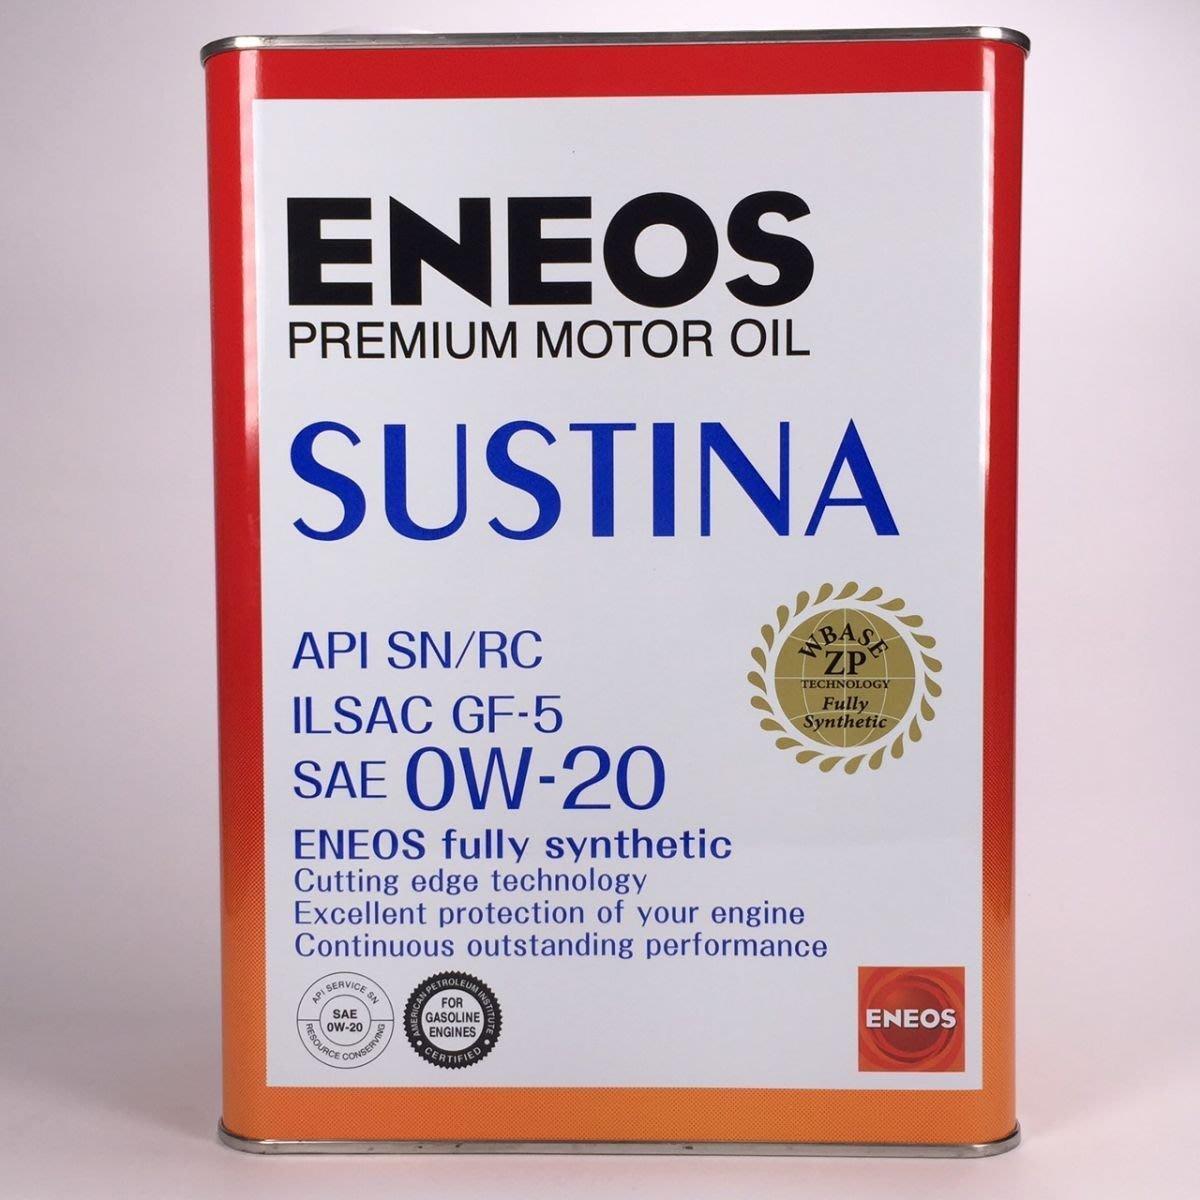 [機油倉庫]附發票ENEOS SUSTINA 0W-20 0W20全合成機油 4公升 新日本 日本原裝